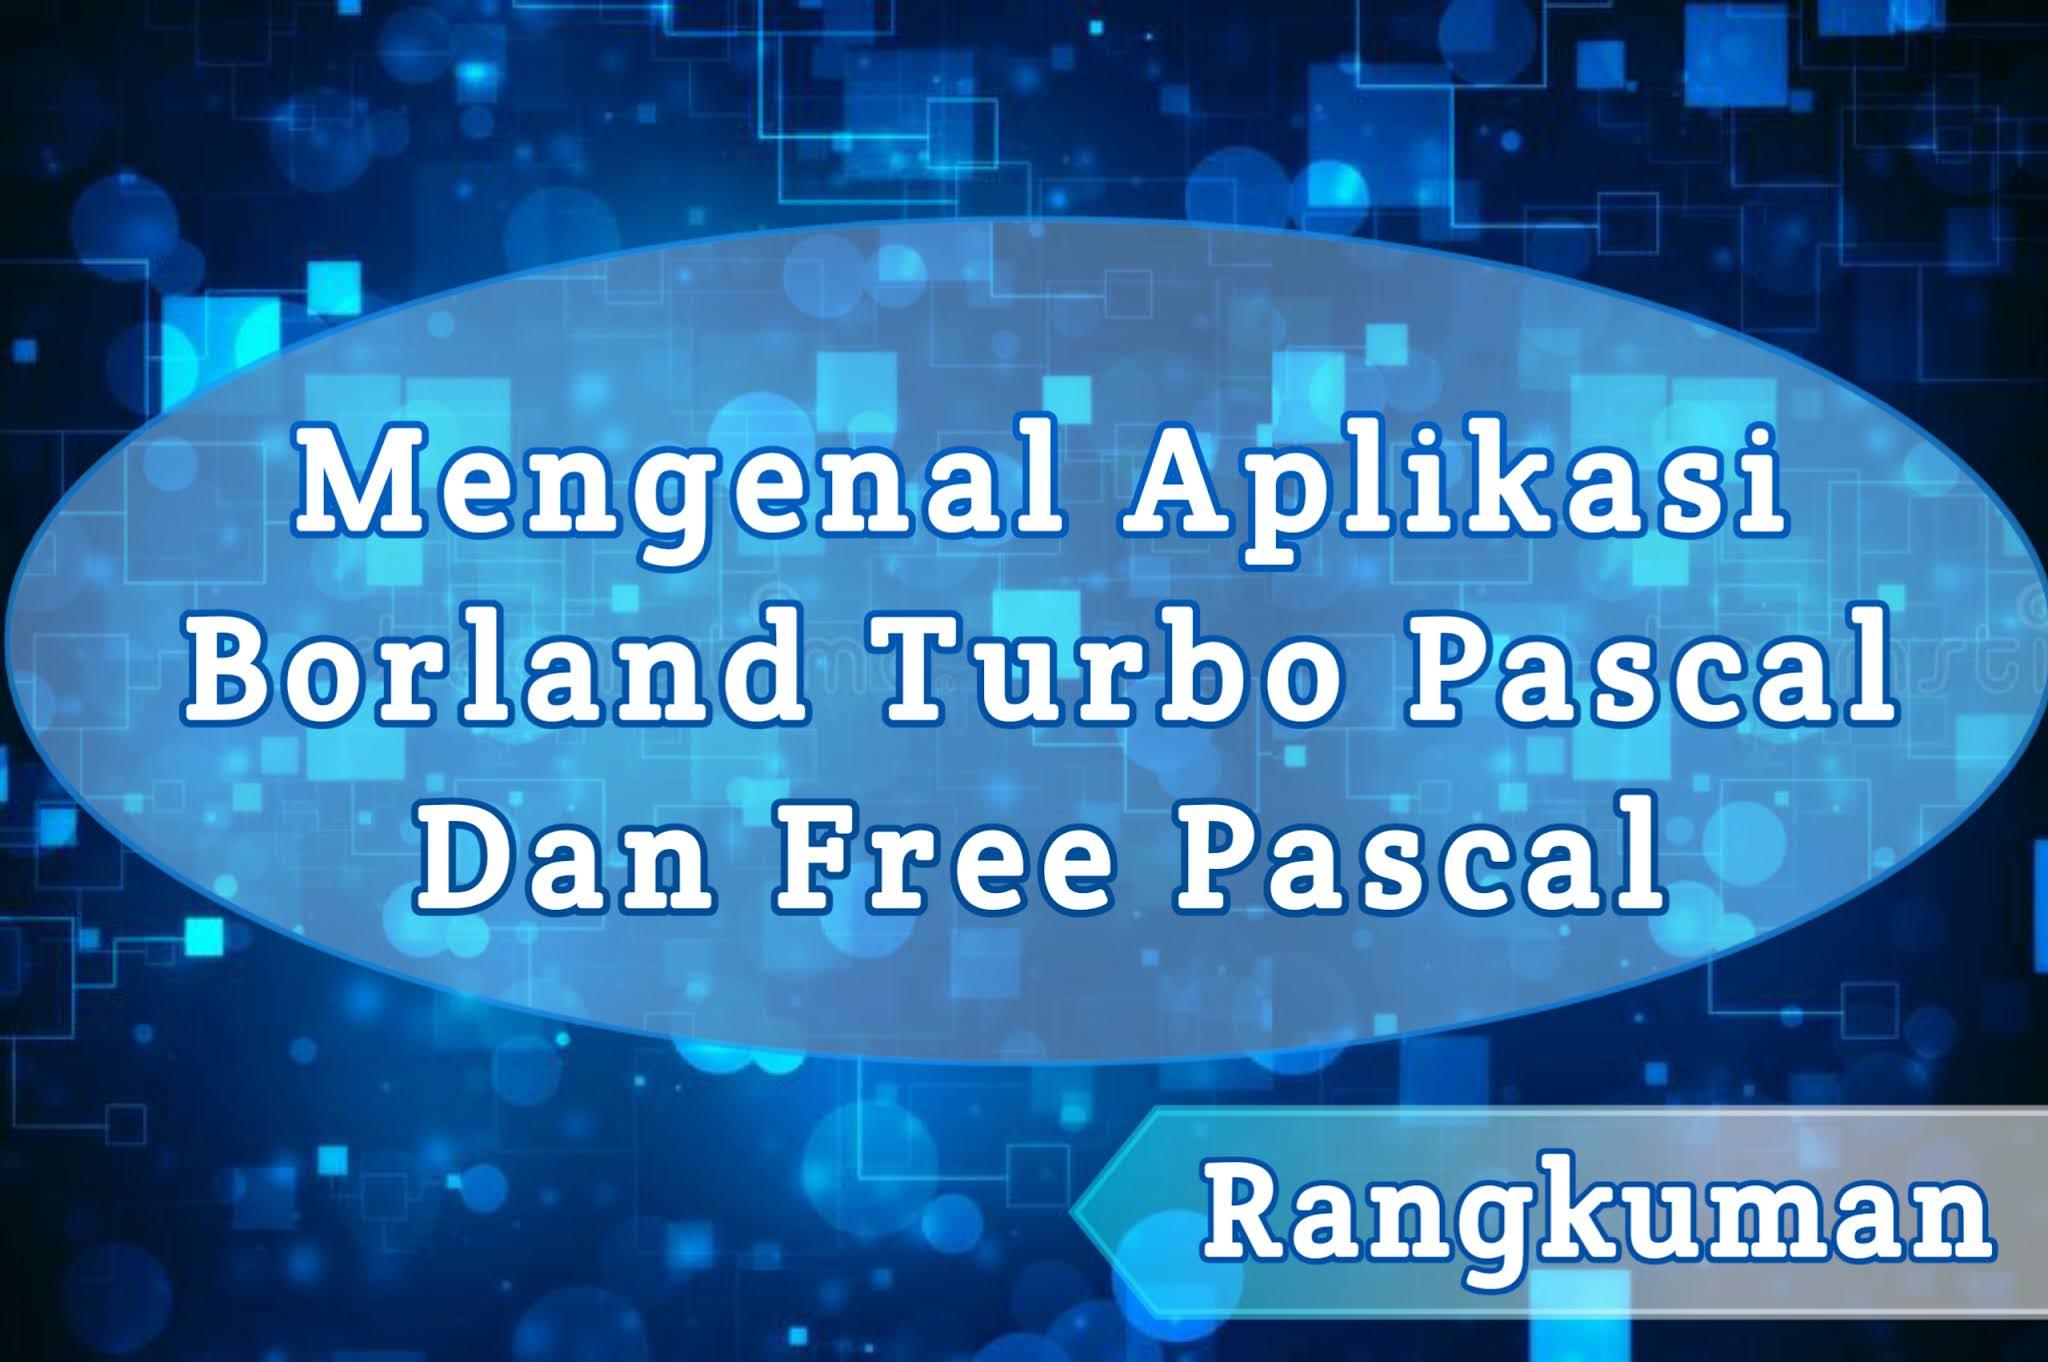 Rangkuman Mengenal Aplikasi Borland Turbo Pascal dan Free Pascal